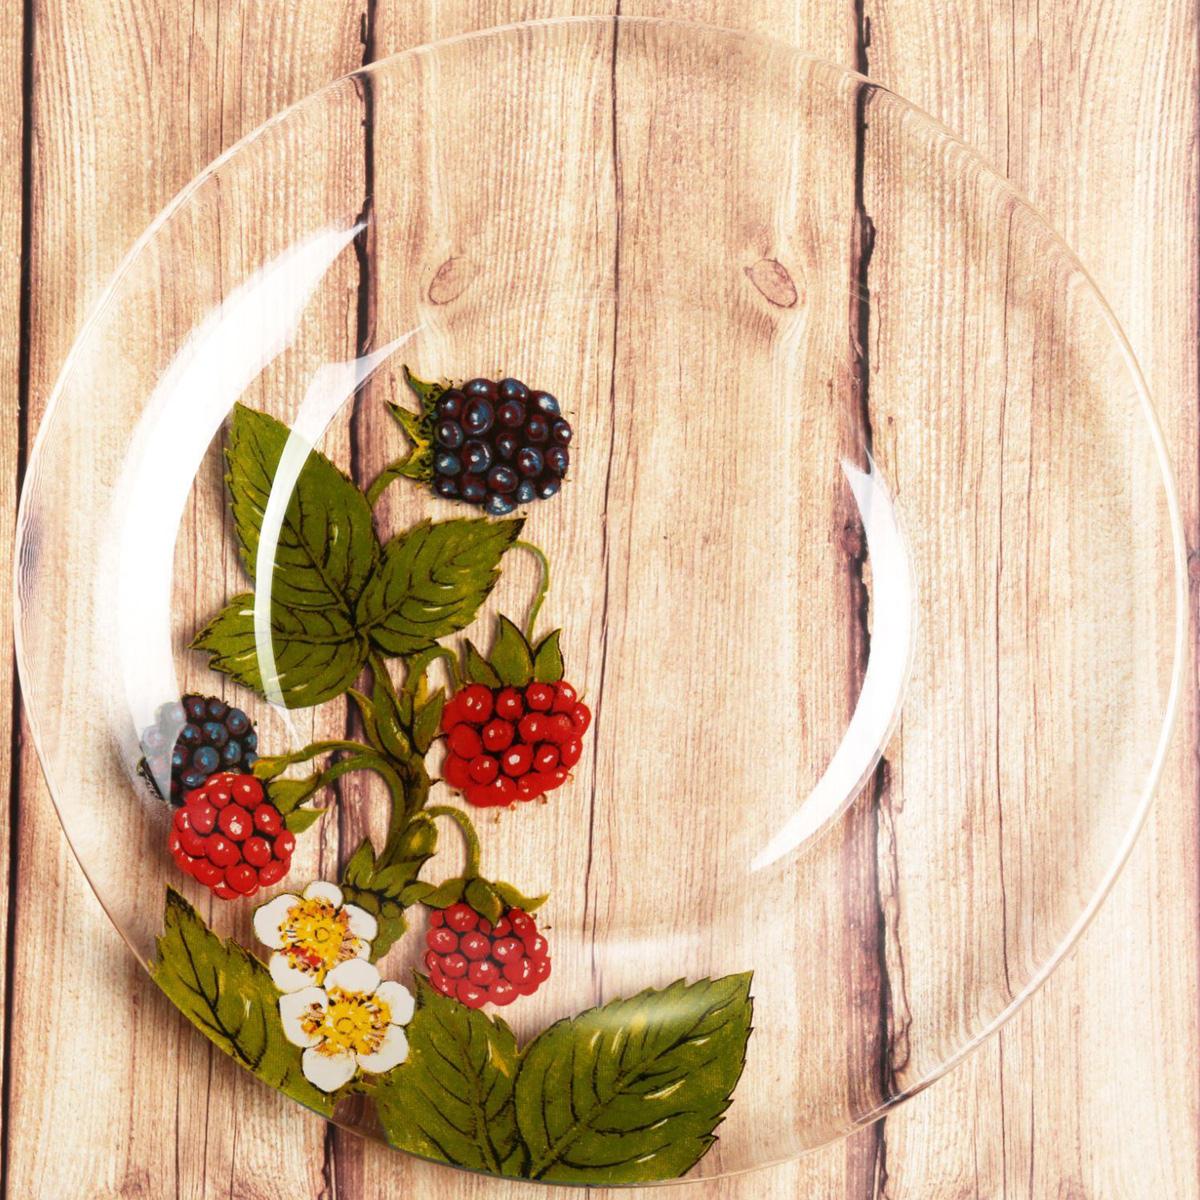 Тарелка Sima-land Малина , диаметр 20 см1661845Красивая тарелка с рисунком дополнит праздничный стол, ведь прозрачноестекло выглядит элегантно и стильно. Предмет можно использовать в микроволновой печи и посудомоечноймашине. При бережном обращении изделие будет радовать вас безукоризненнымвнешним видом долгие годы.